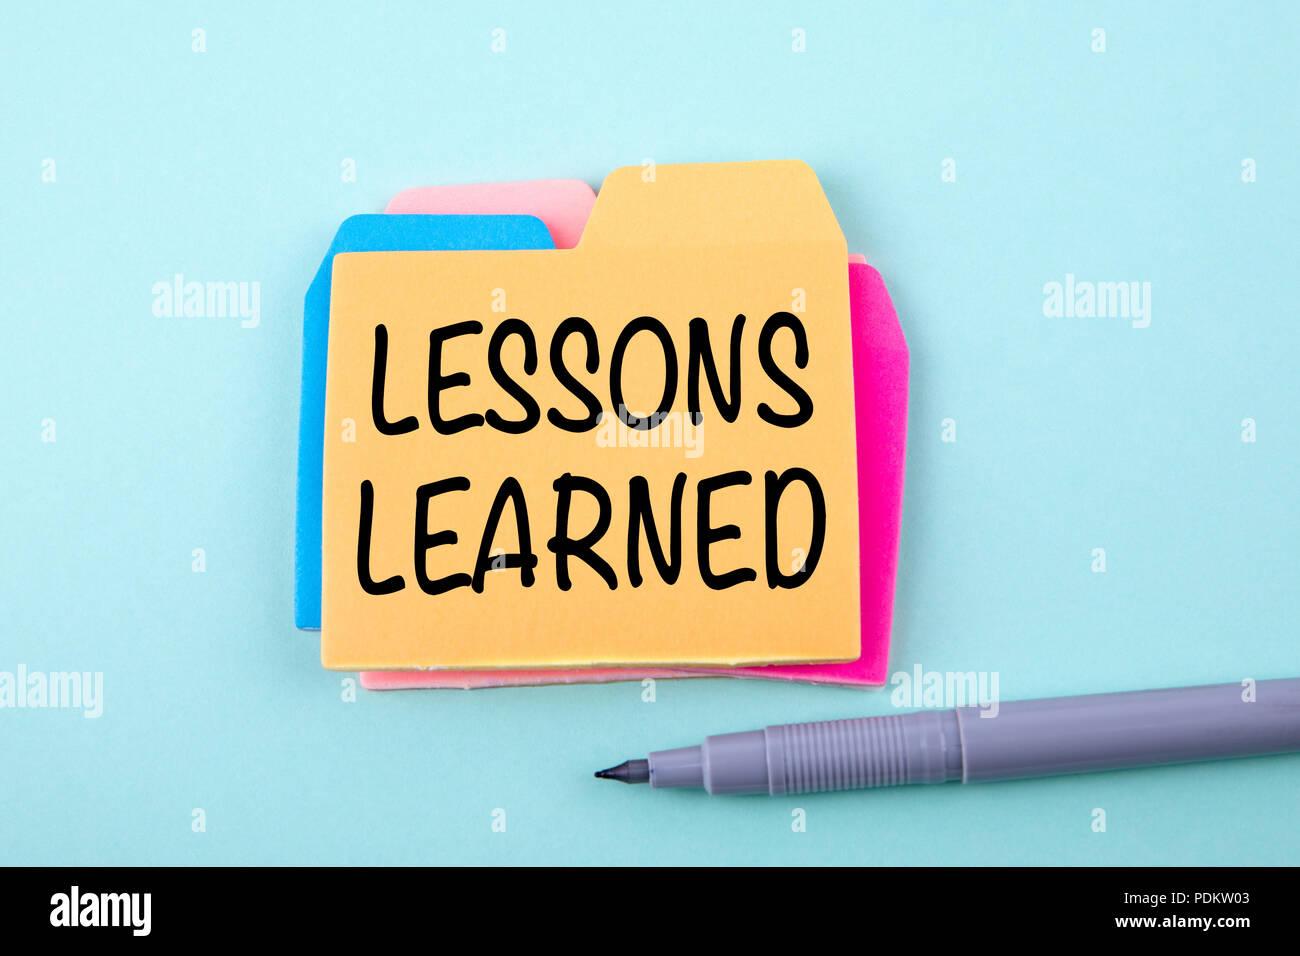 Les enseignements tirés. Concept de l'éducation Photo Stock